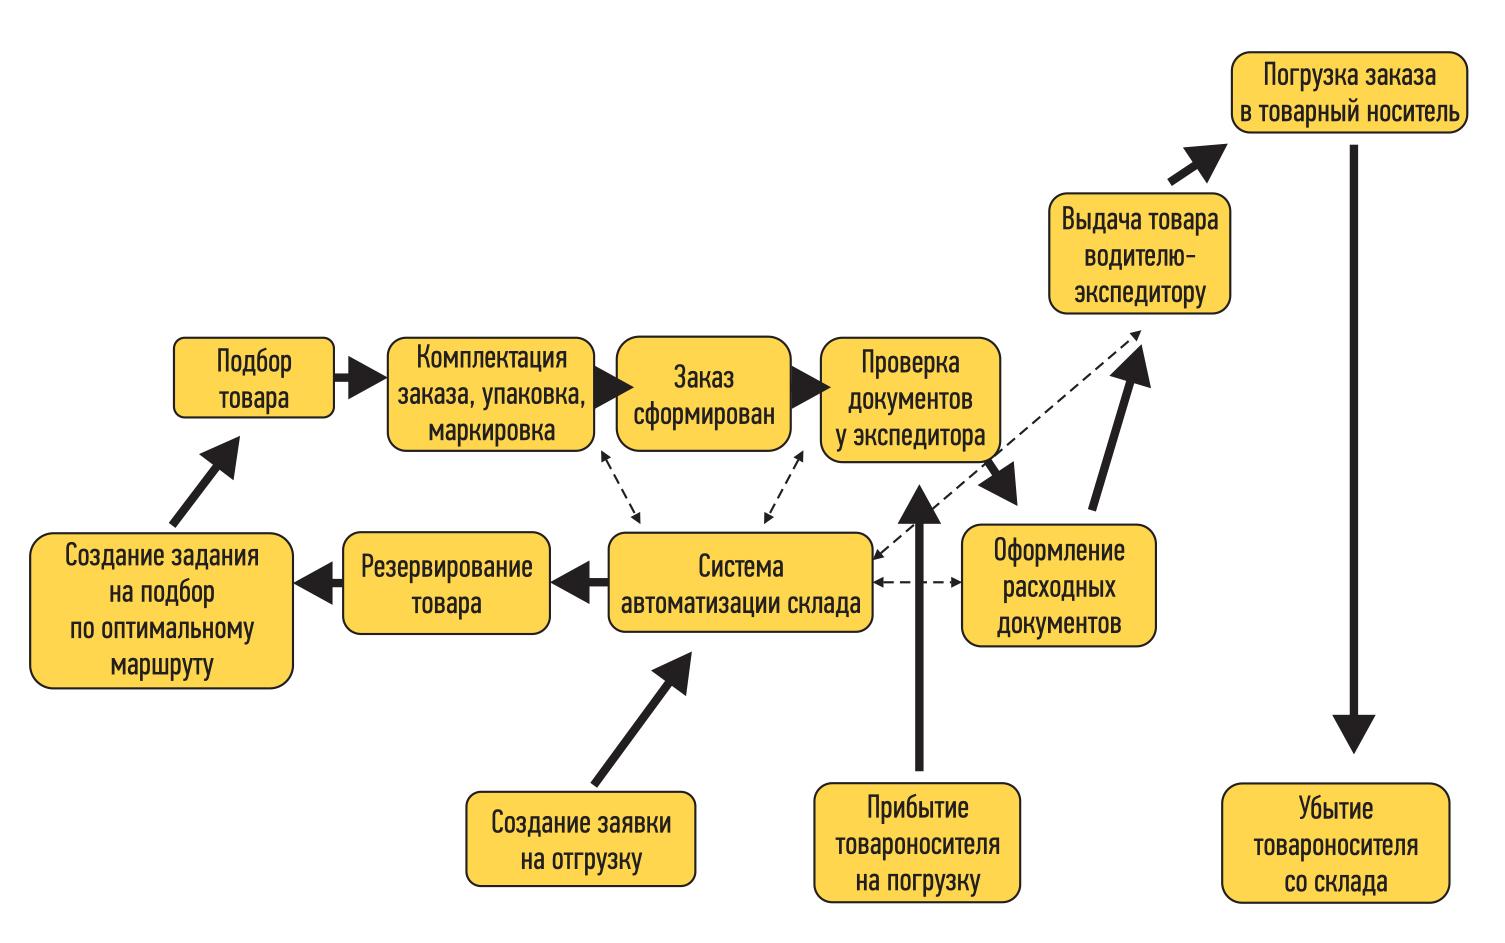 Что такое 1С:Склад и торговля — инструкция по работе в программе